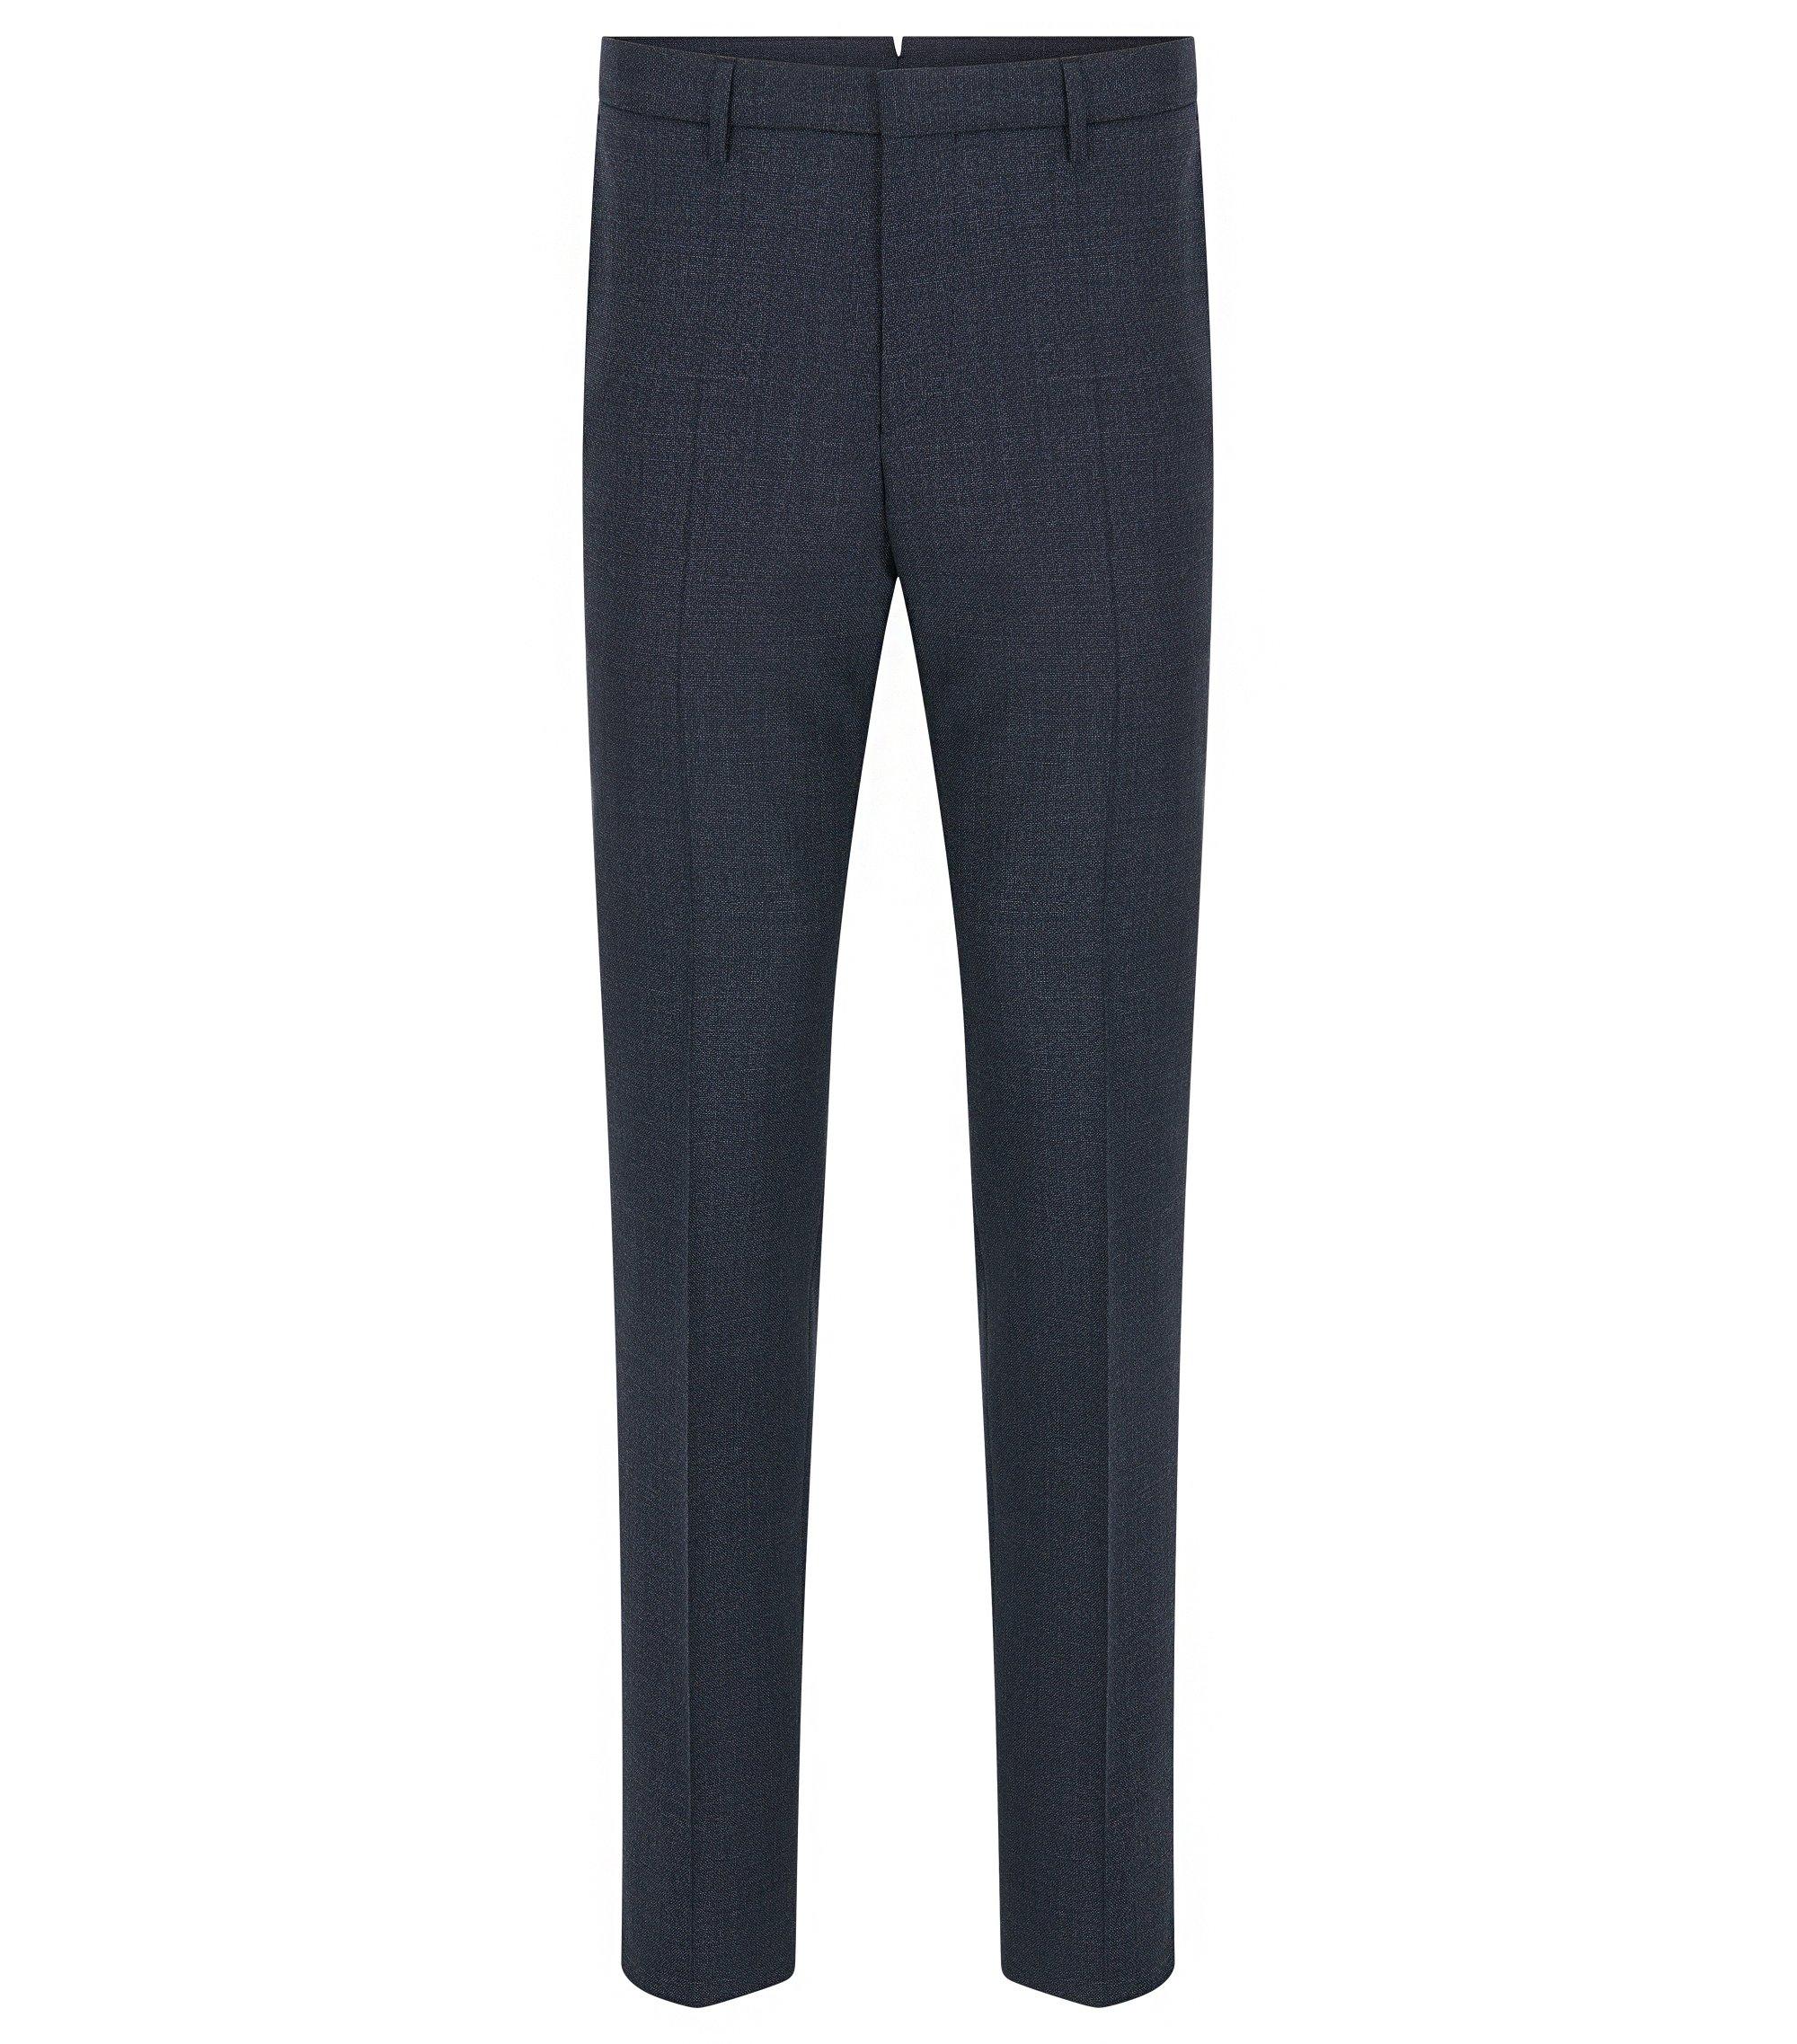 Virgin Wool Dress Pant, Slim Fit | T-Bloom, Dark Blue